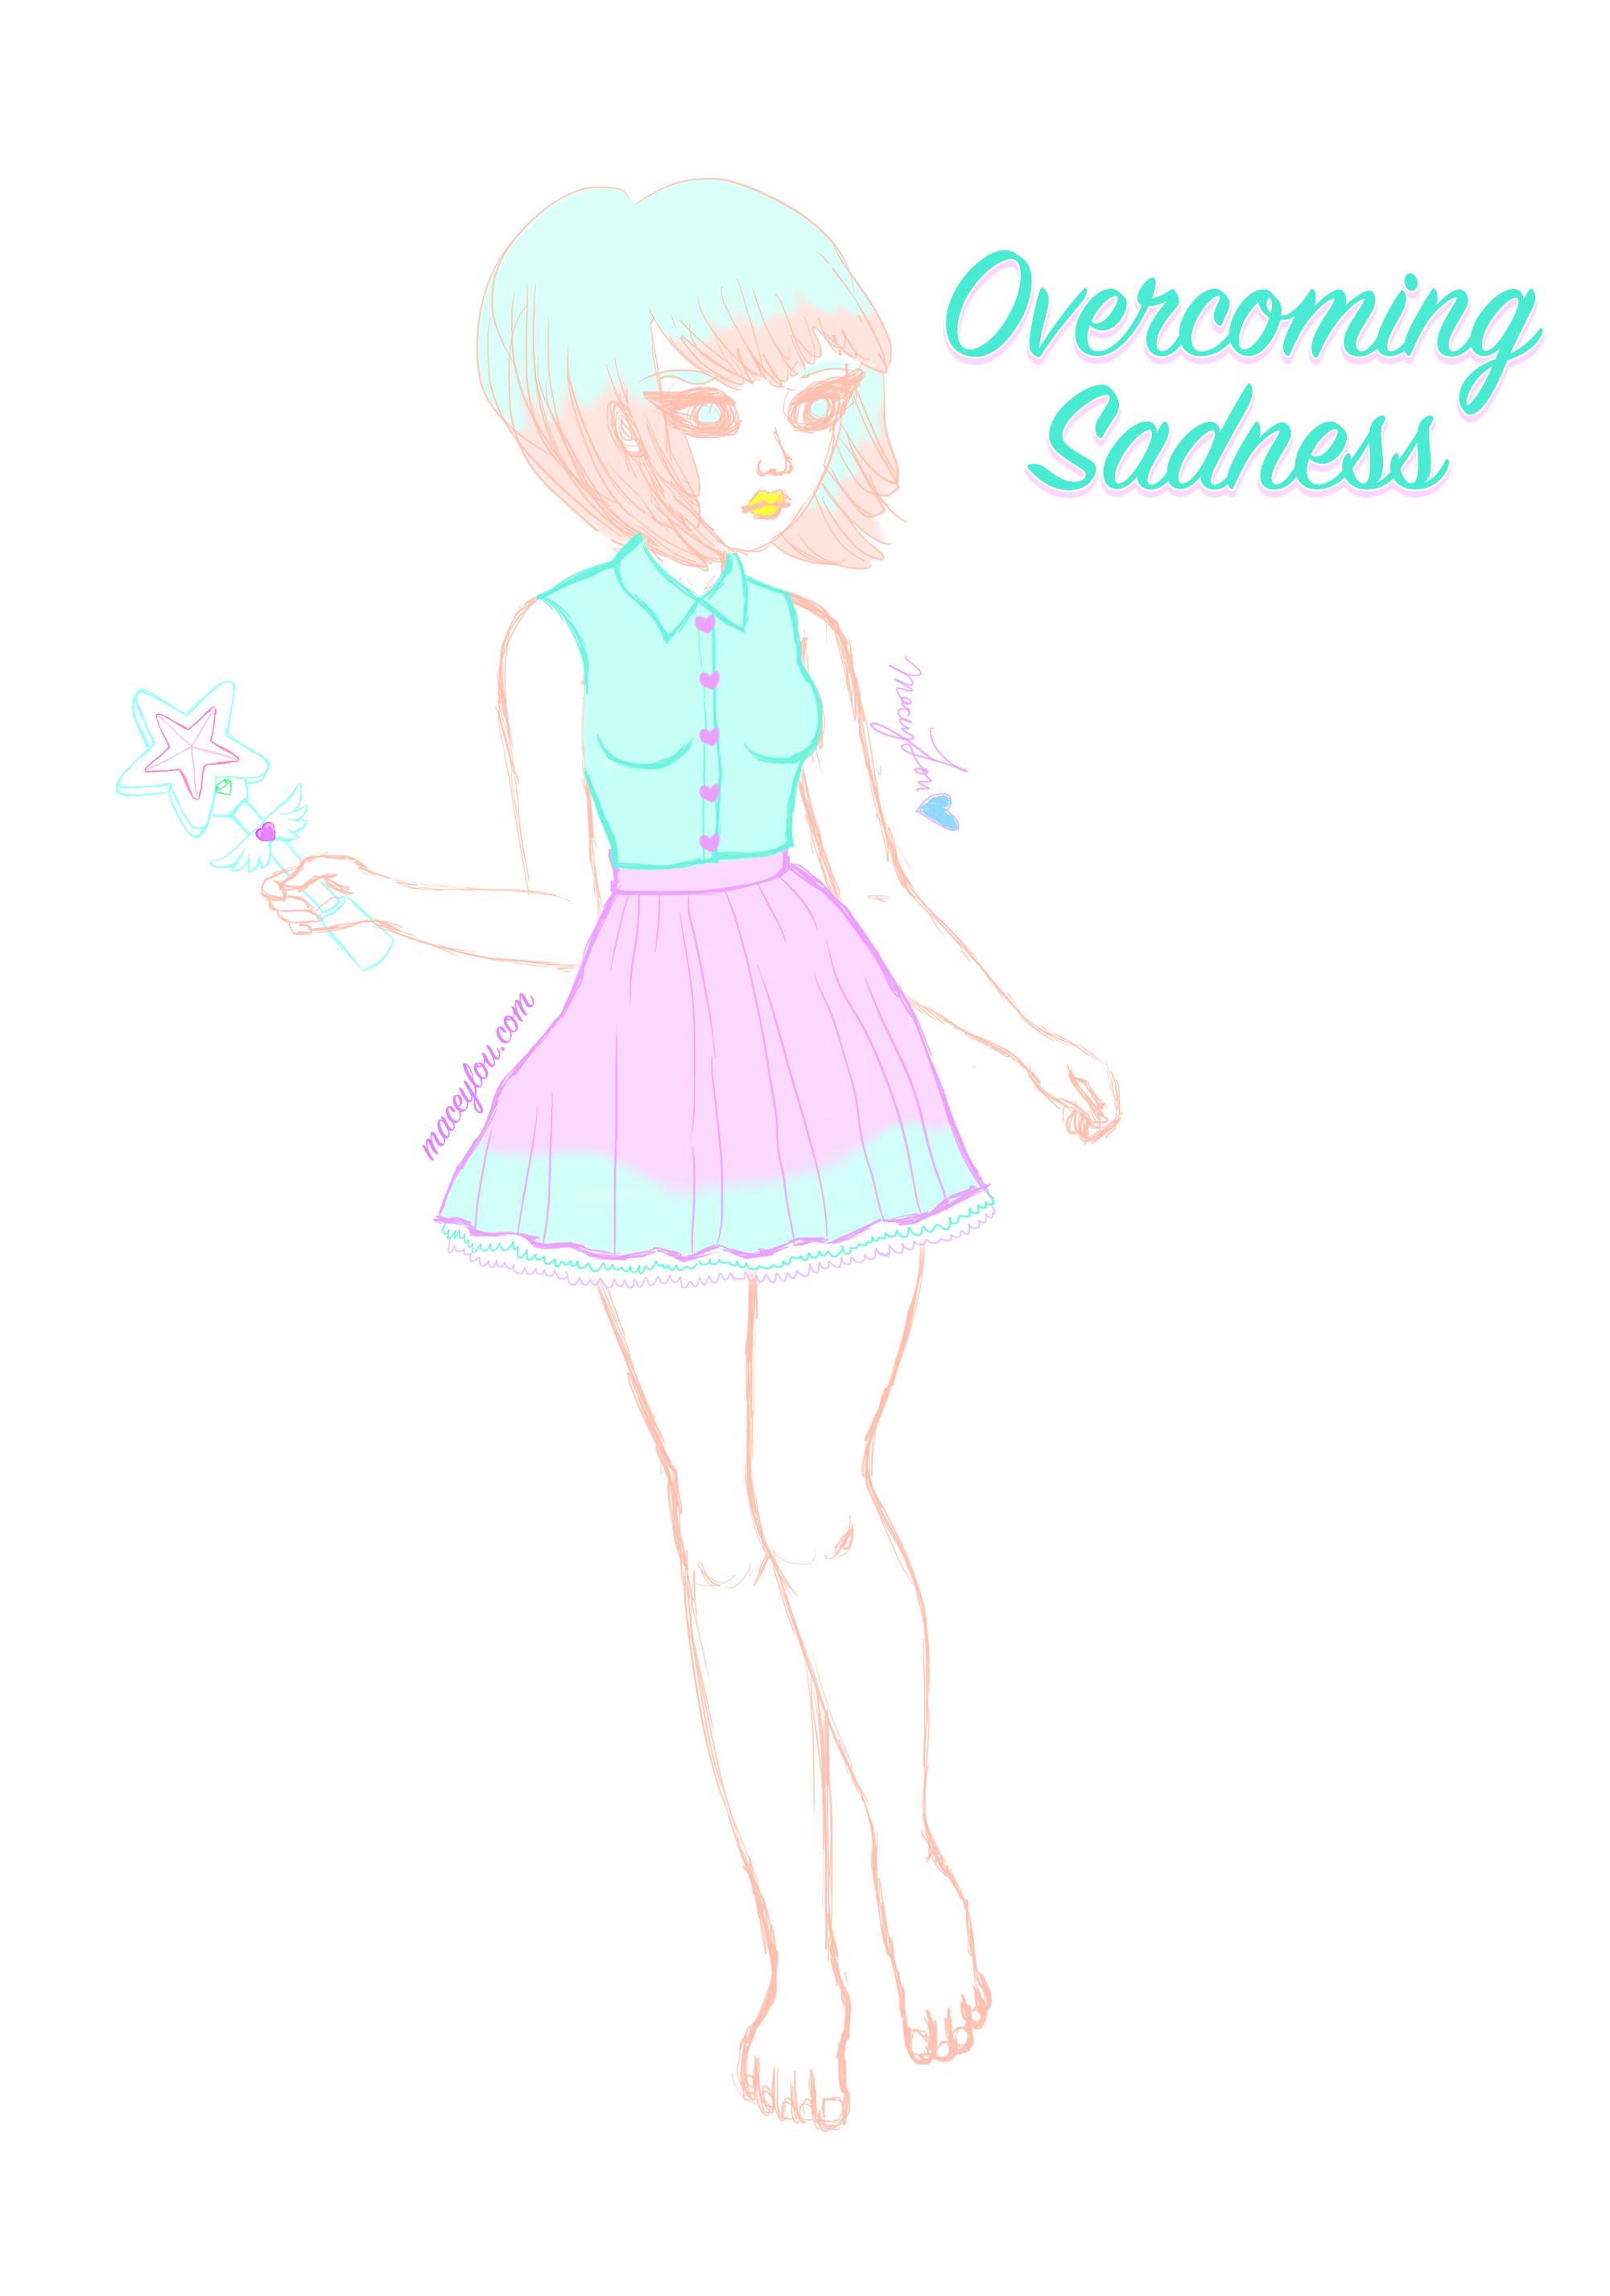 Kawaii girl overcoming sadness blog post image main maceylou illustration art.jpg